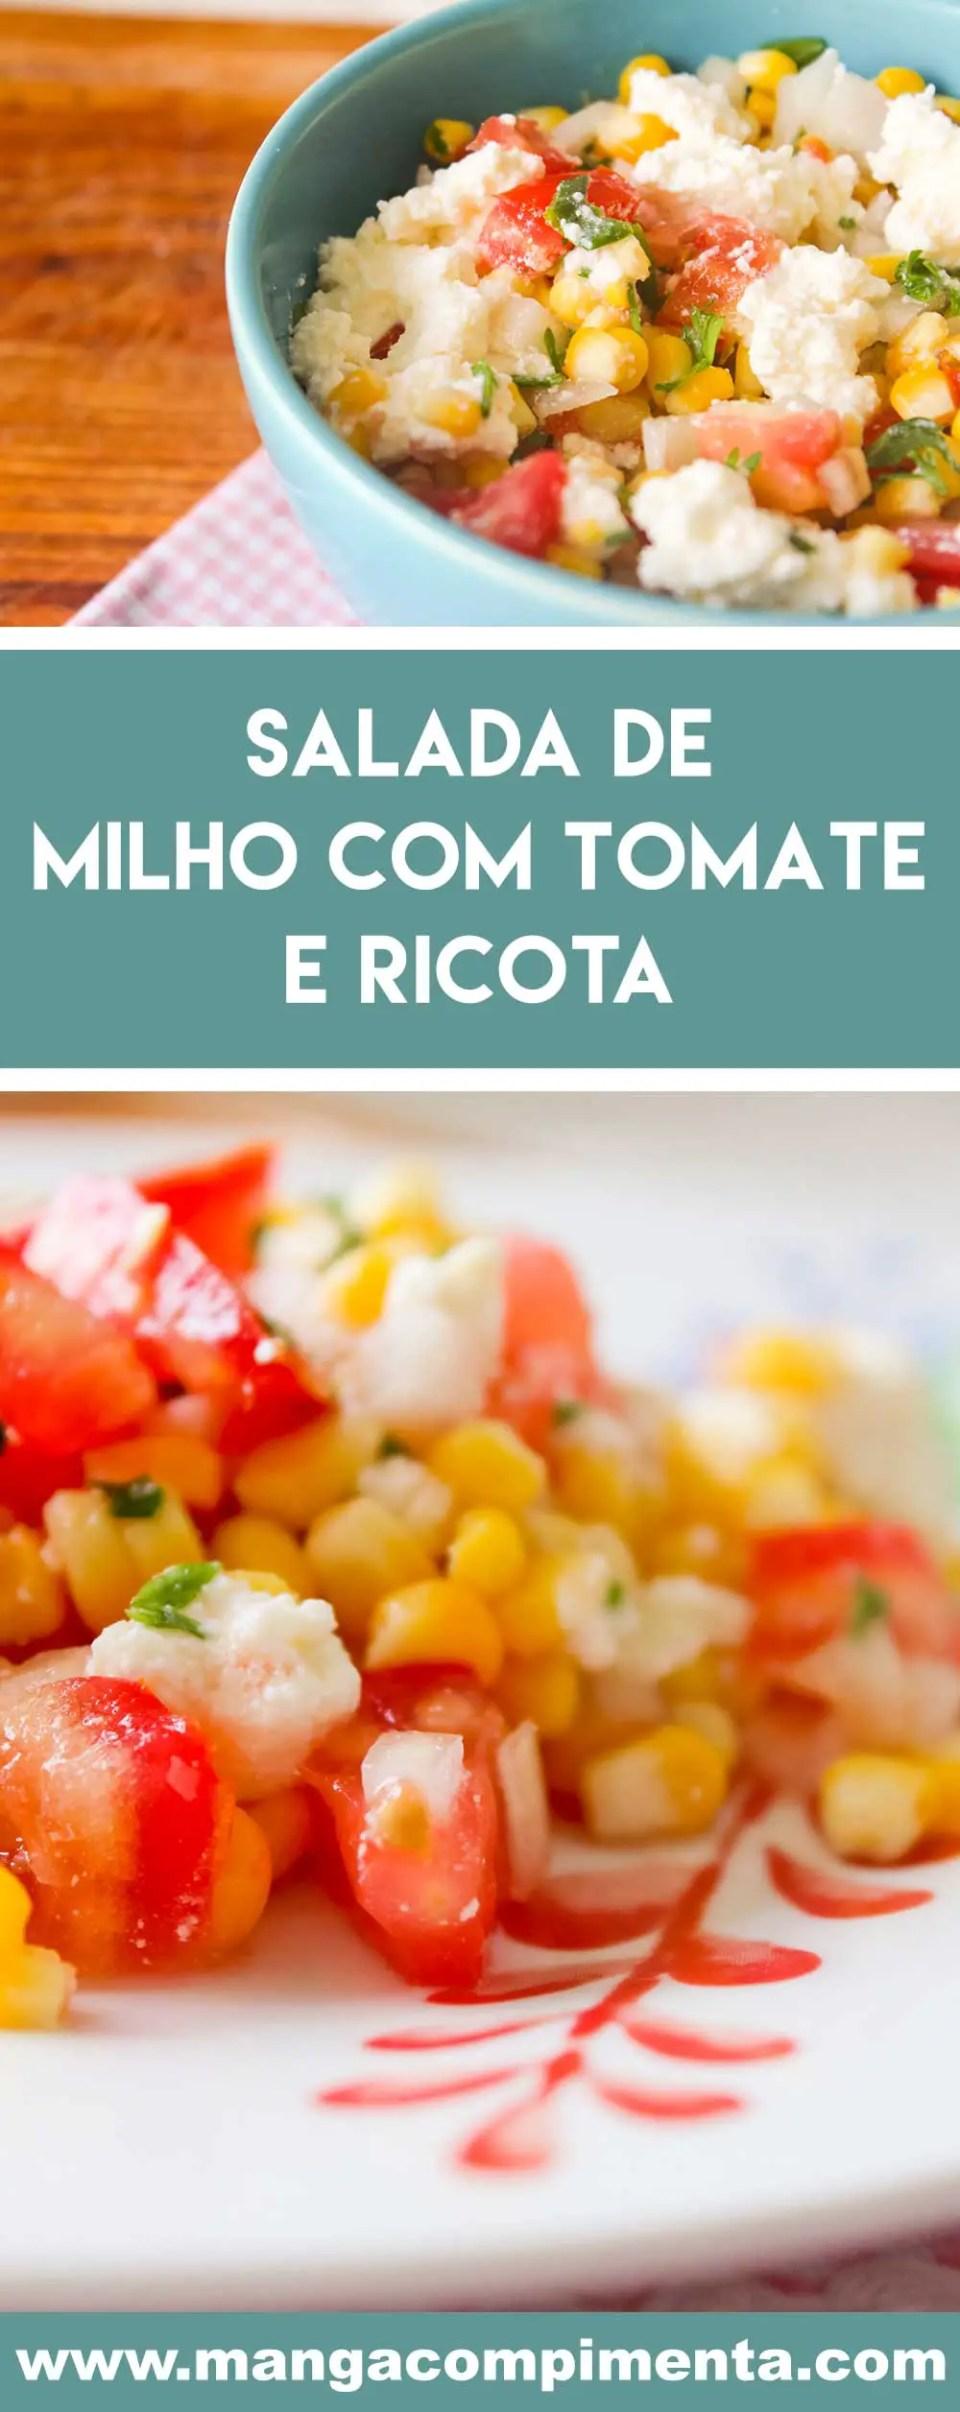 Receita de Salada de Milho com Tomate e Ricota - para o almoço em um dia quente de verão!